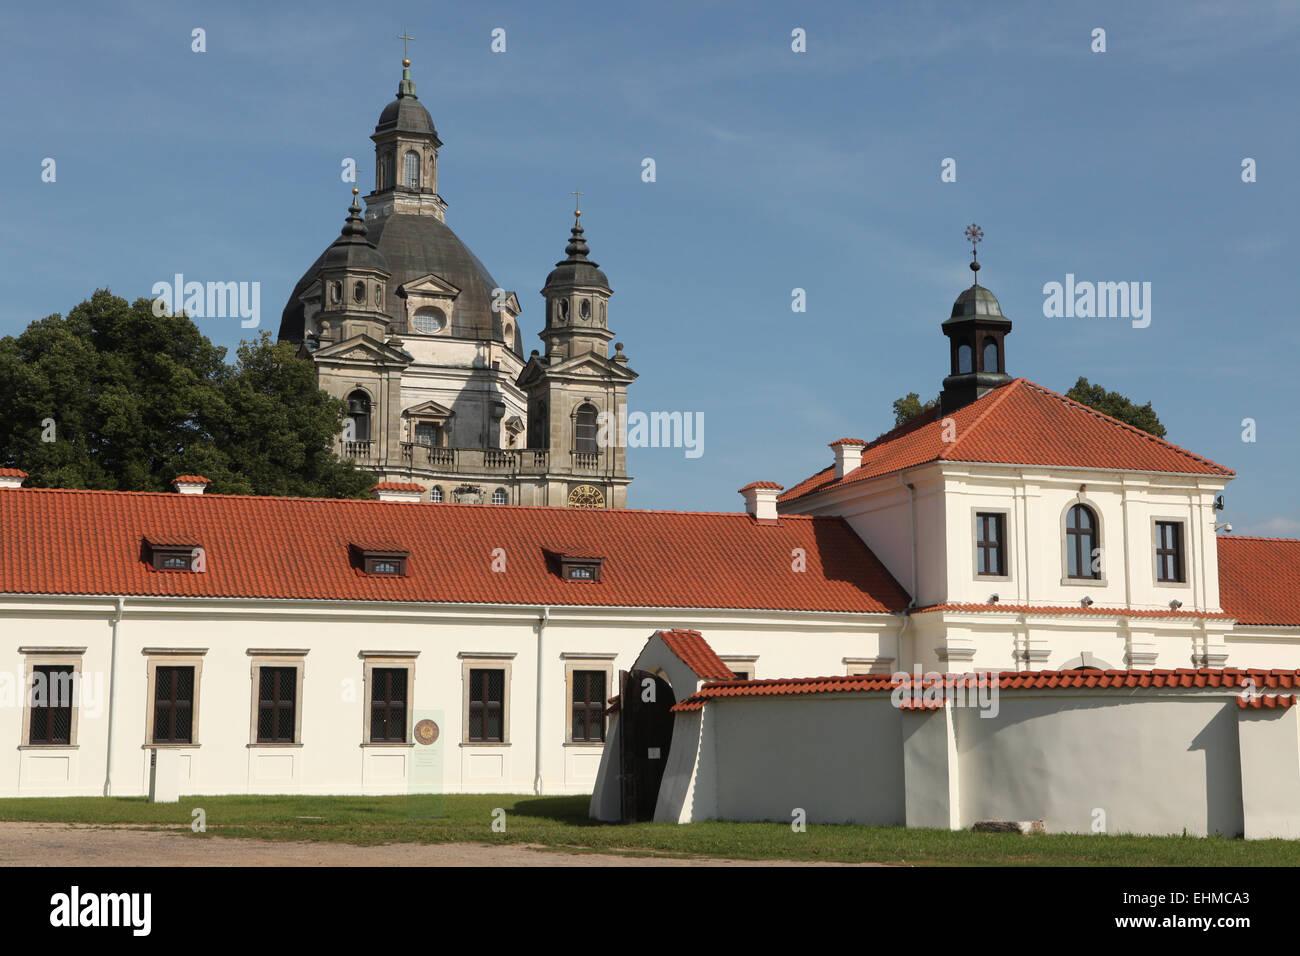 Pazaislis monastery in Kaunas, Lithuania. - Stock Image